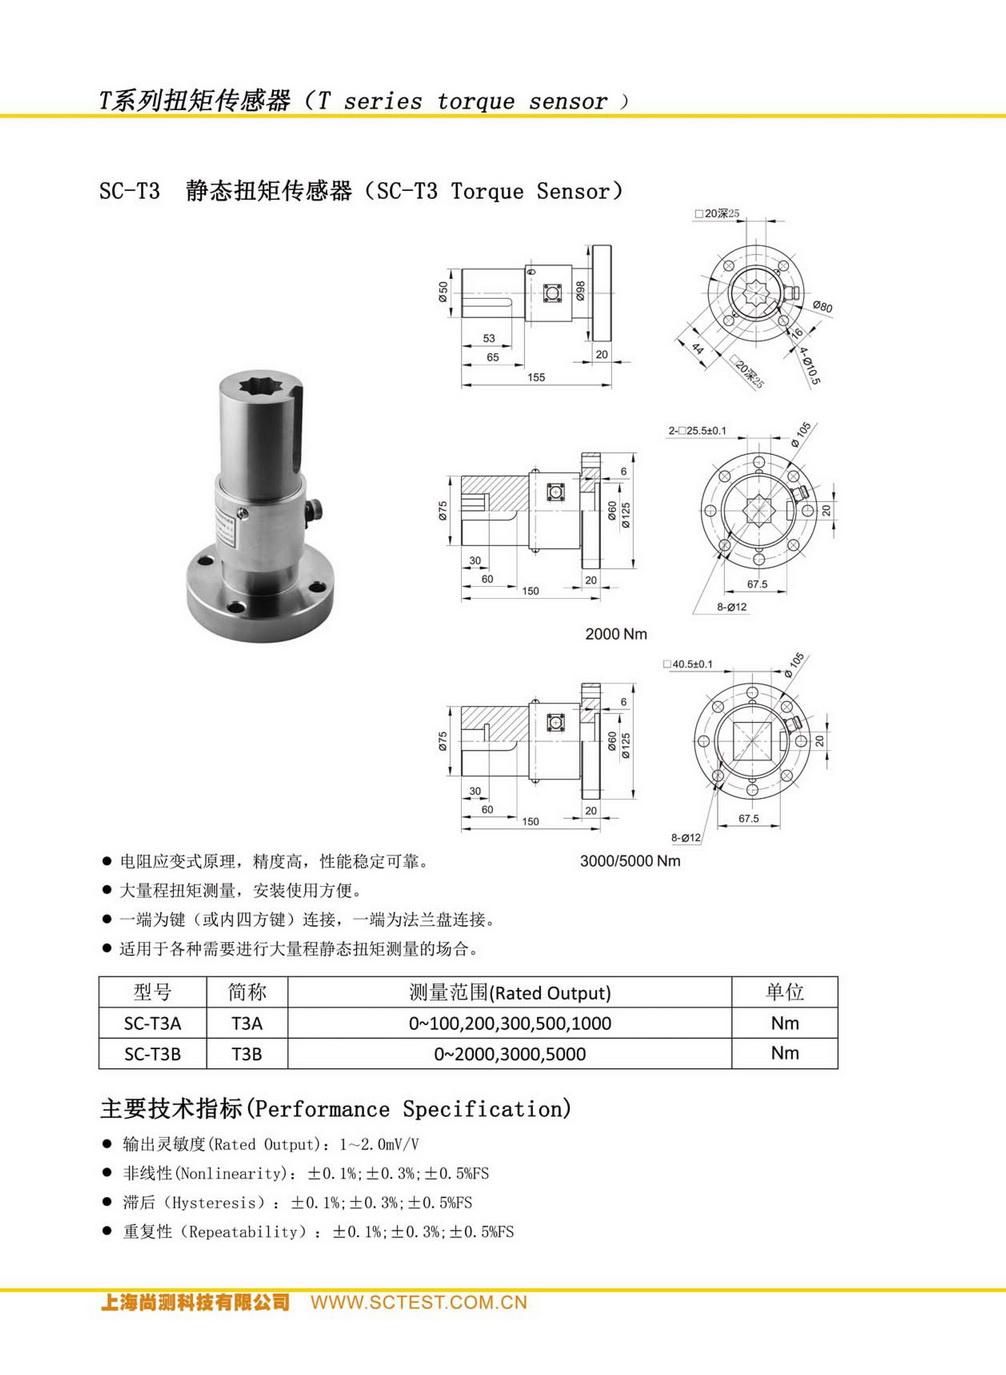 尚测科技产品选型手册 V1.3_页面_17_调整大小.jpg